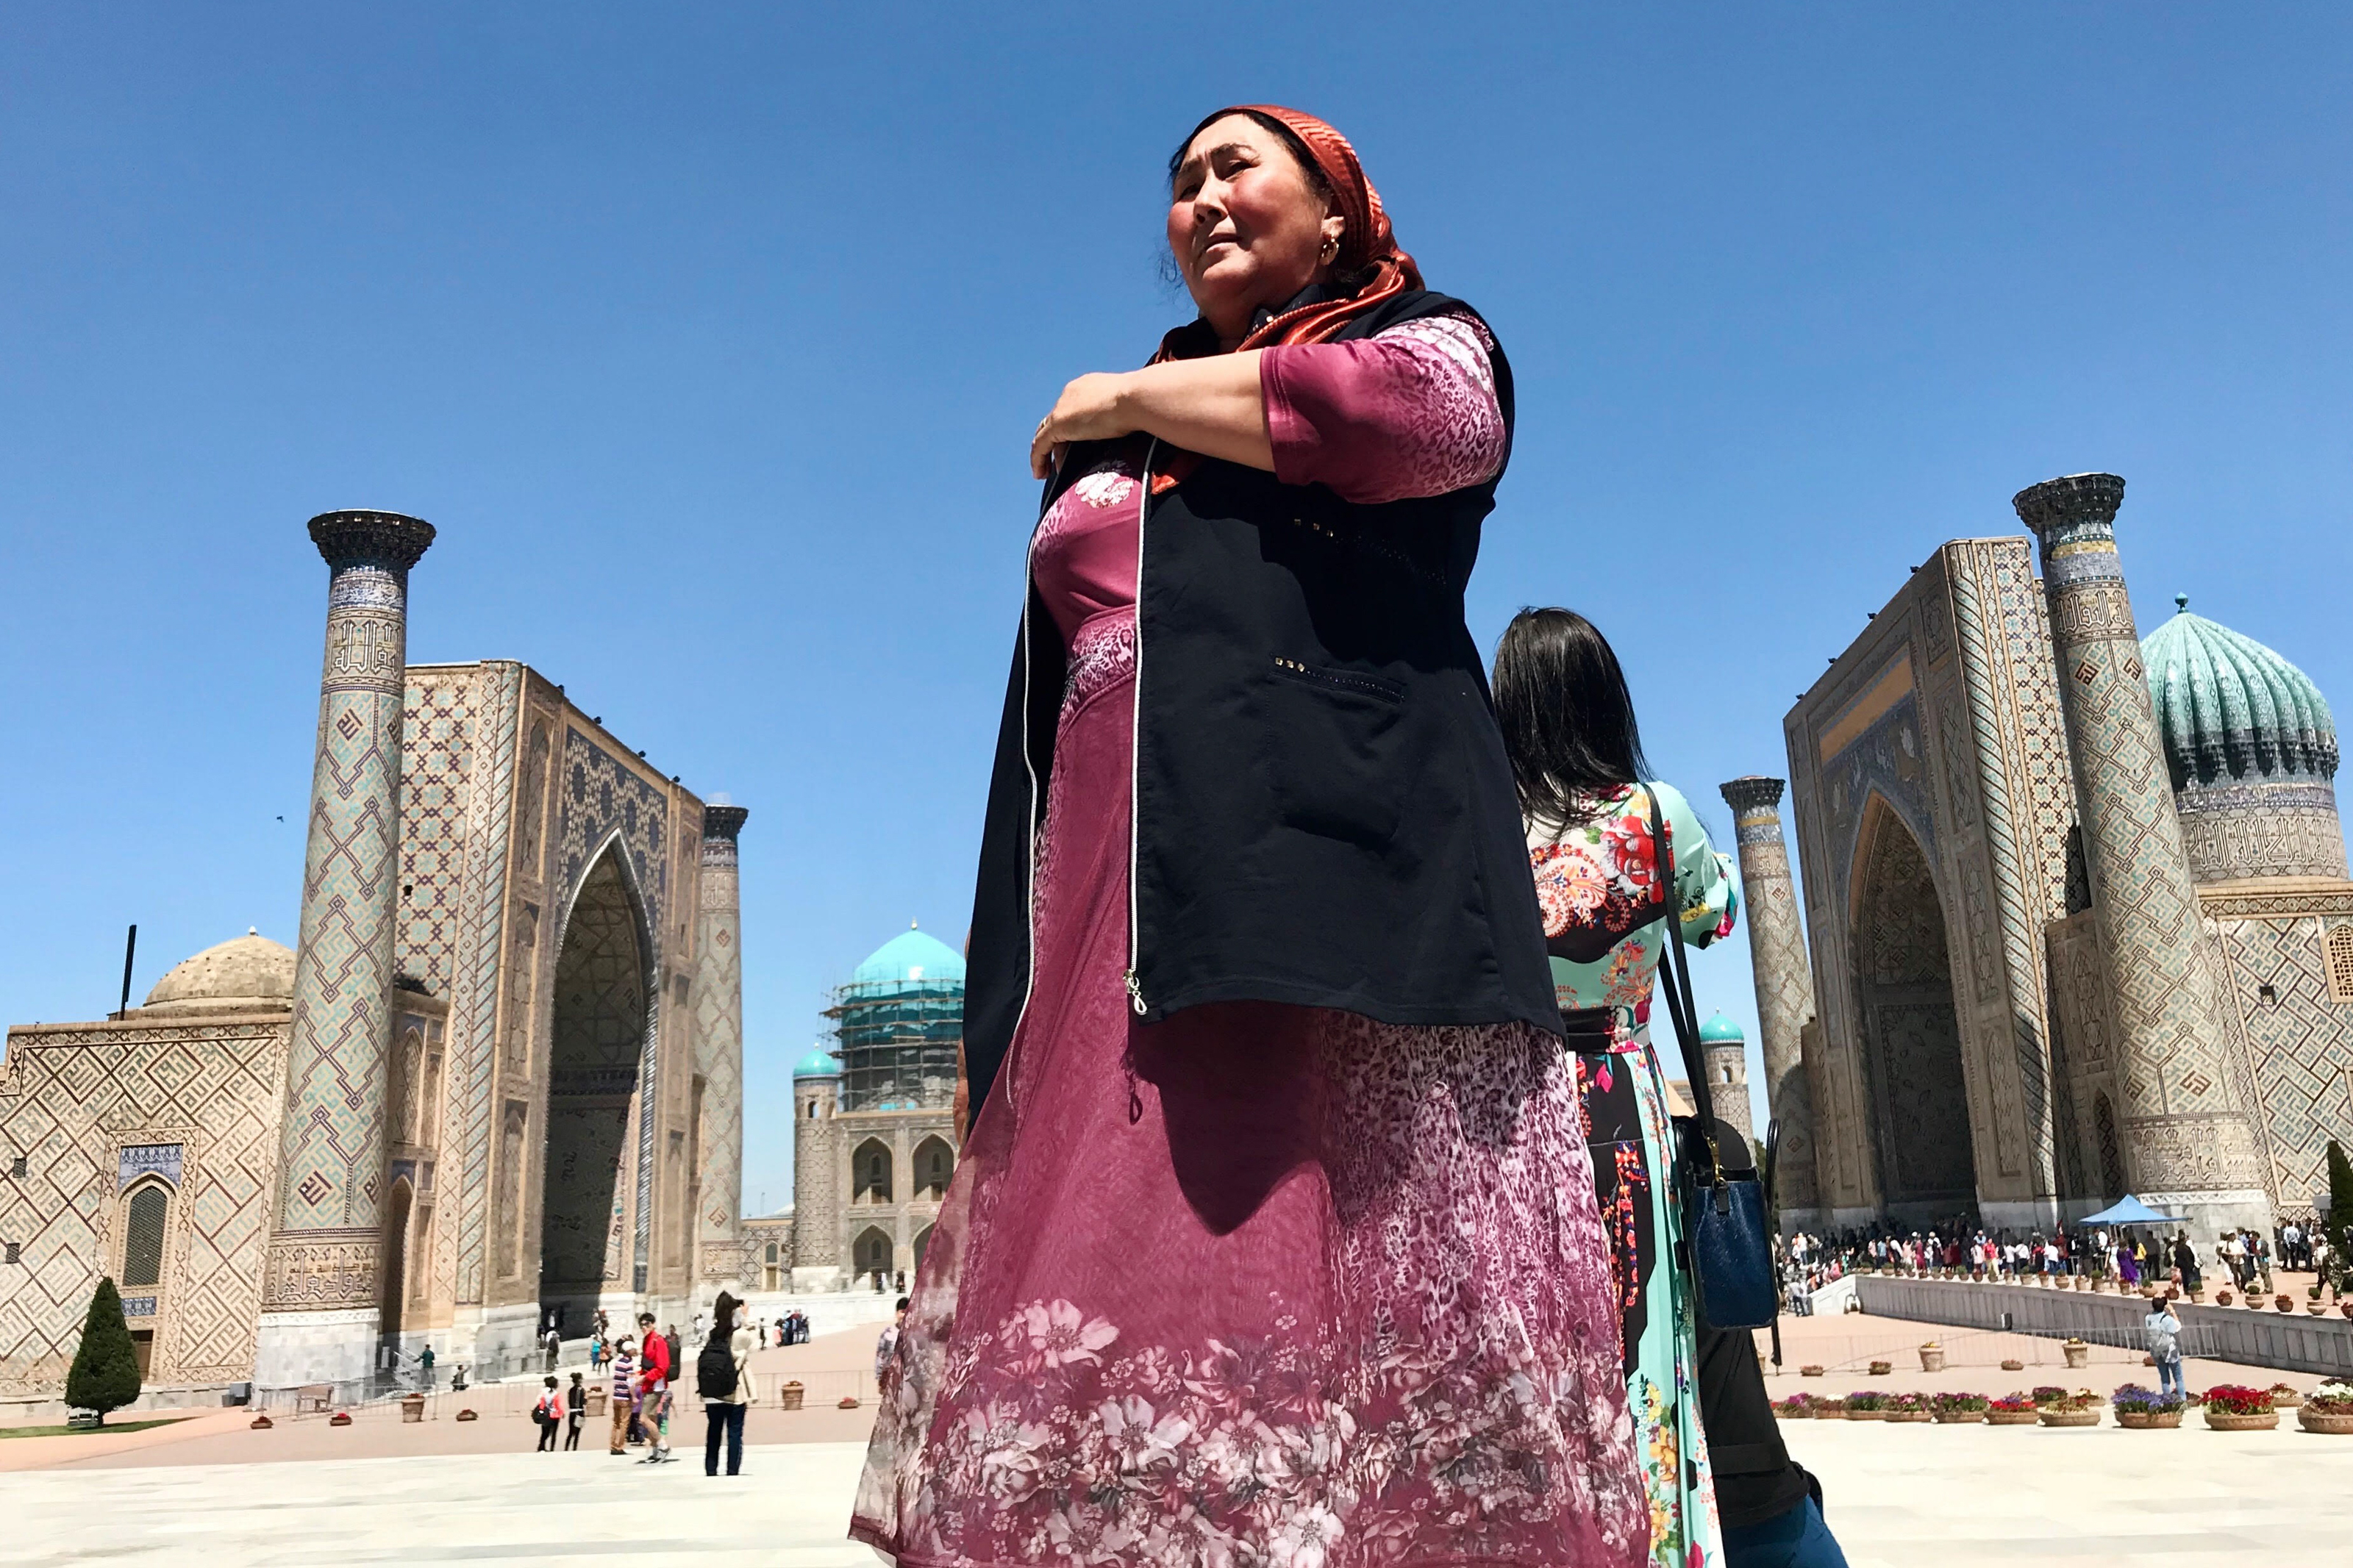 zwiedzanie uzbekistanu samarkanda